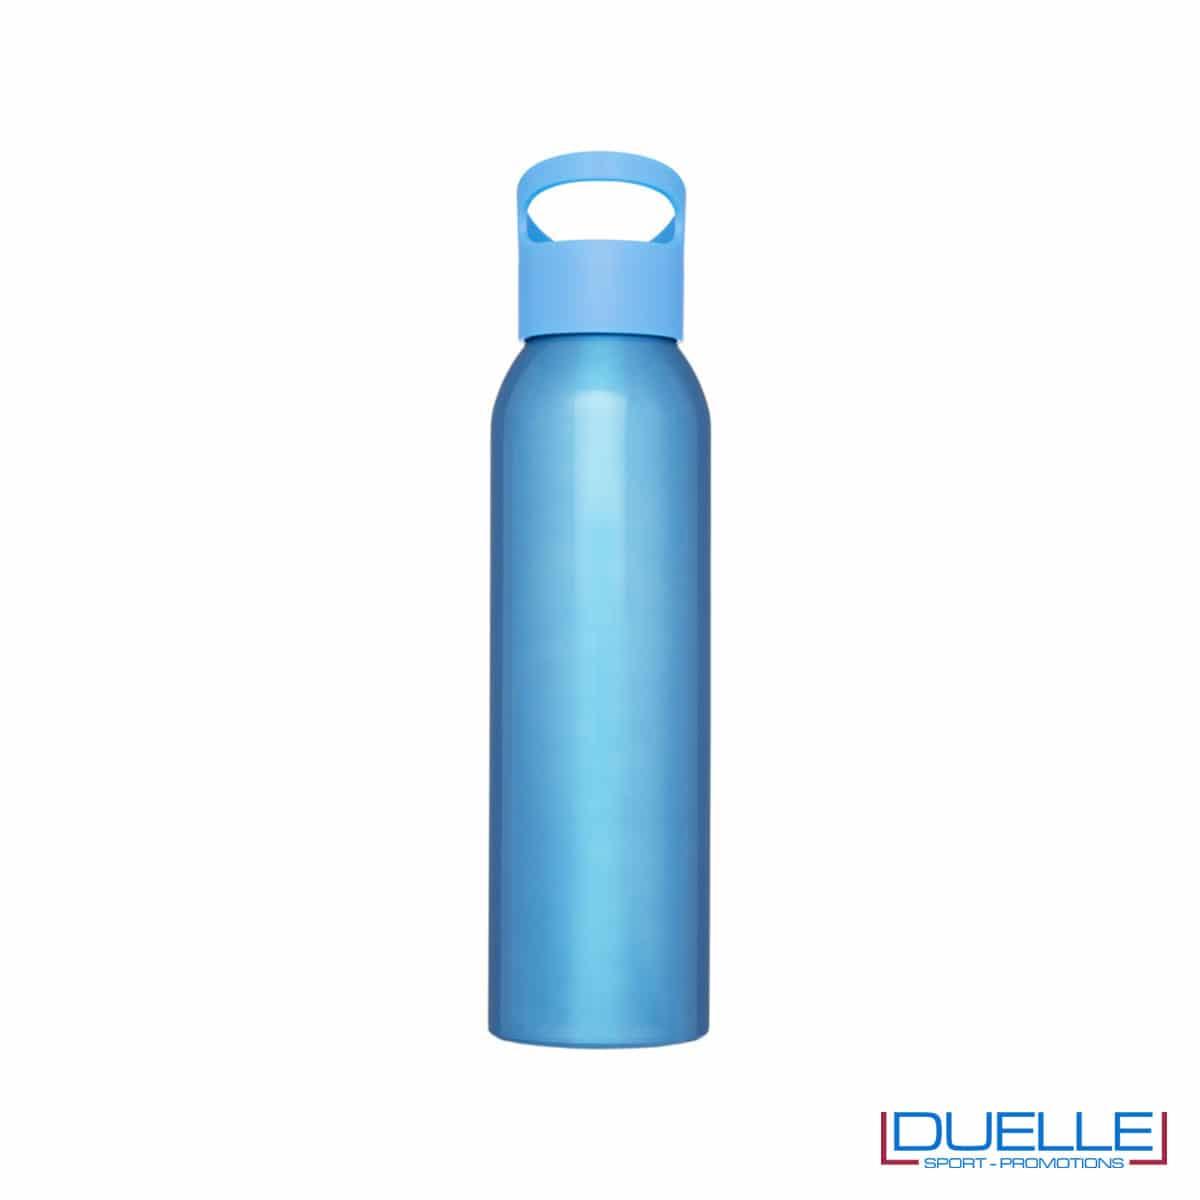 Borraccia alluminio colore azzurro con tappo in plastica